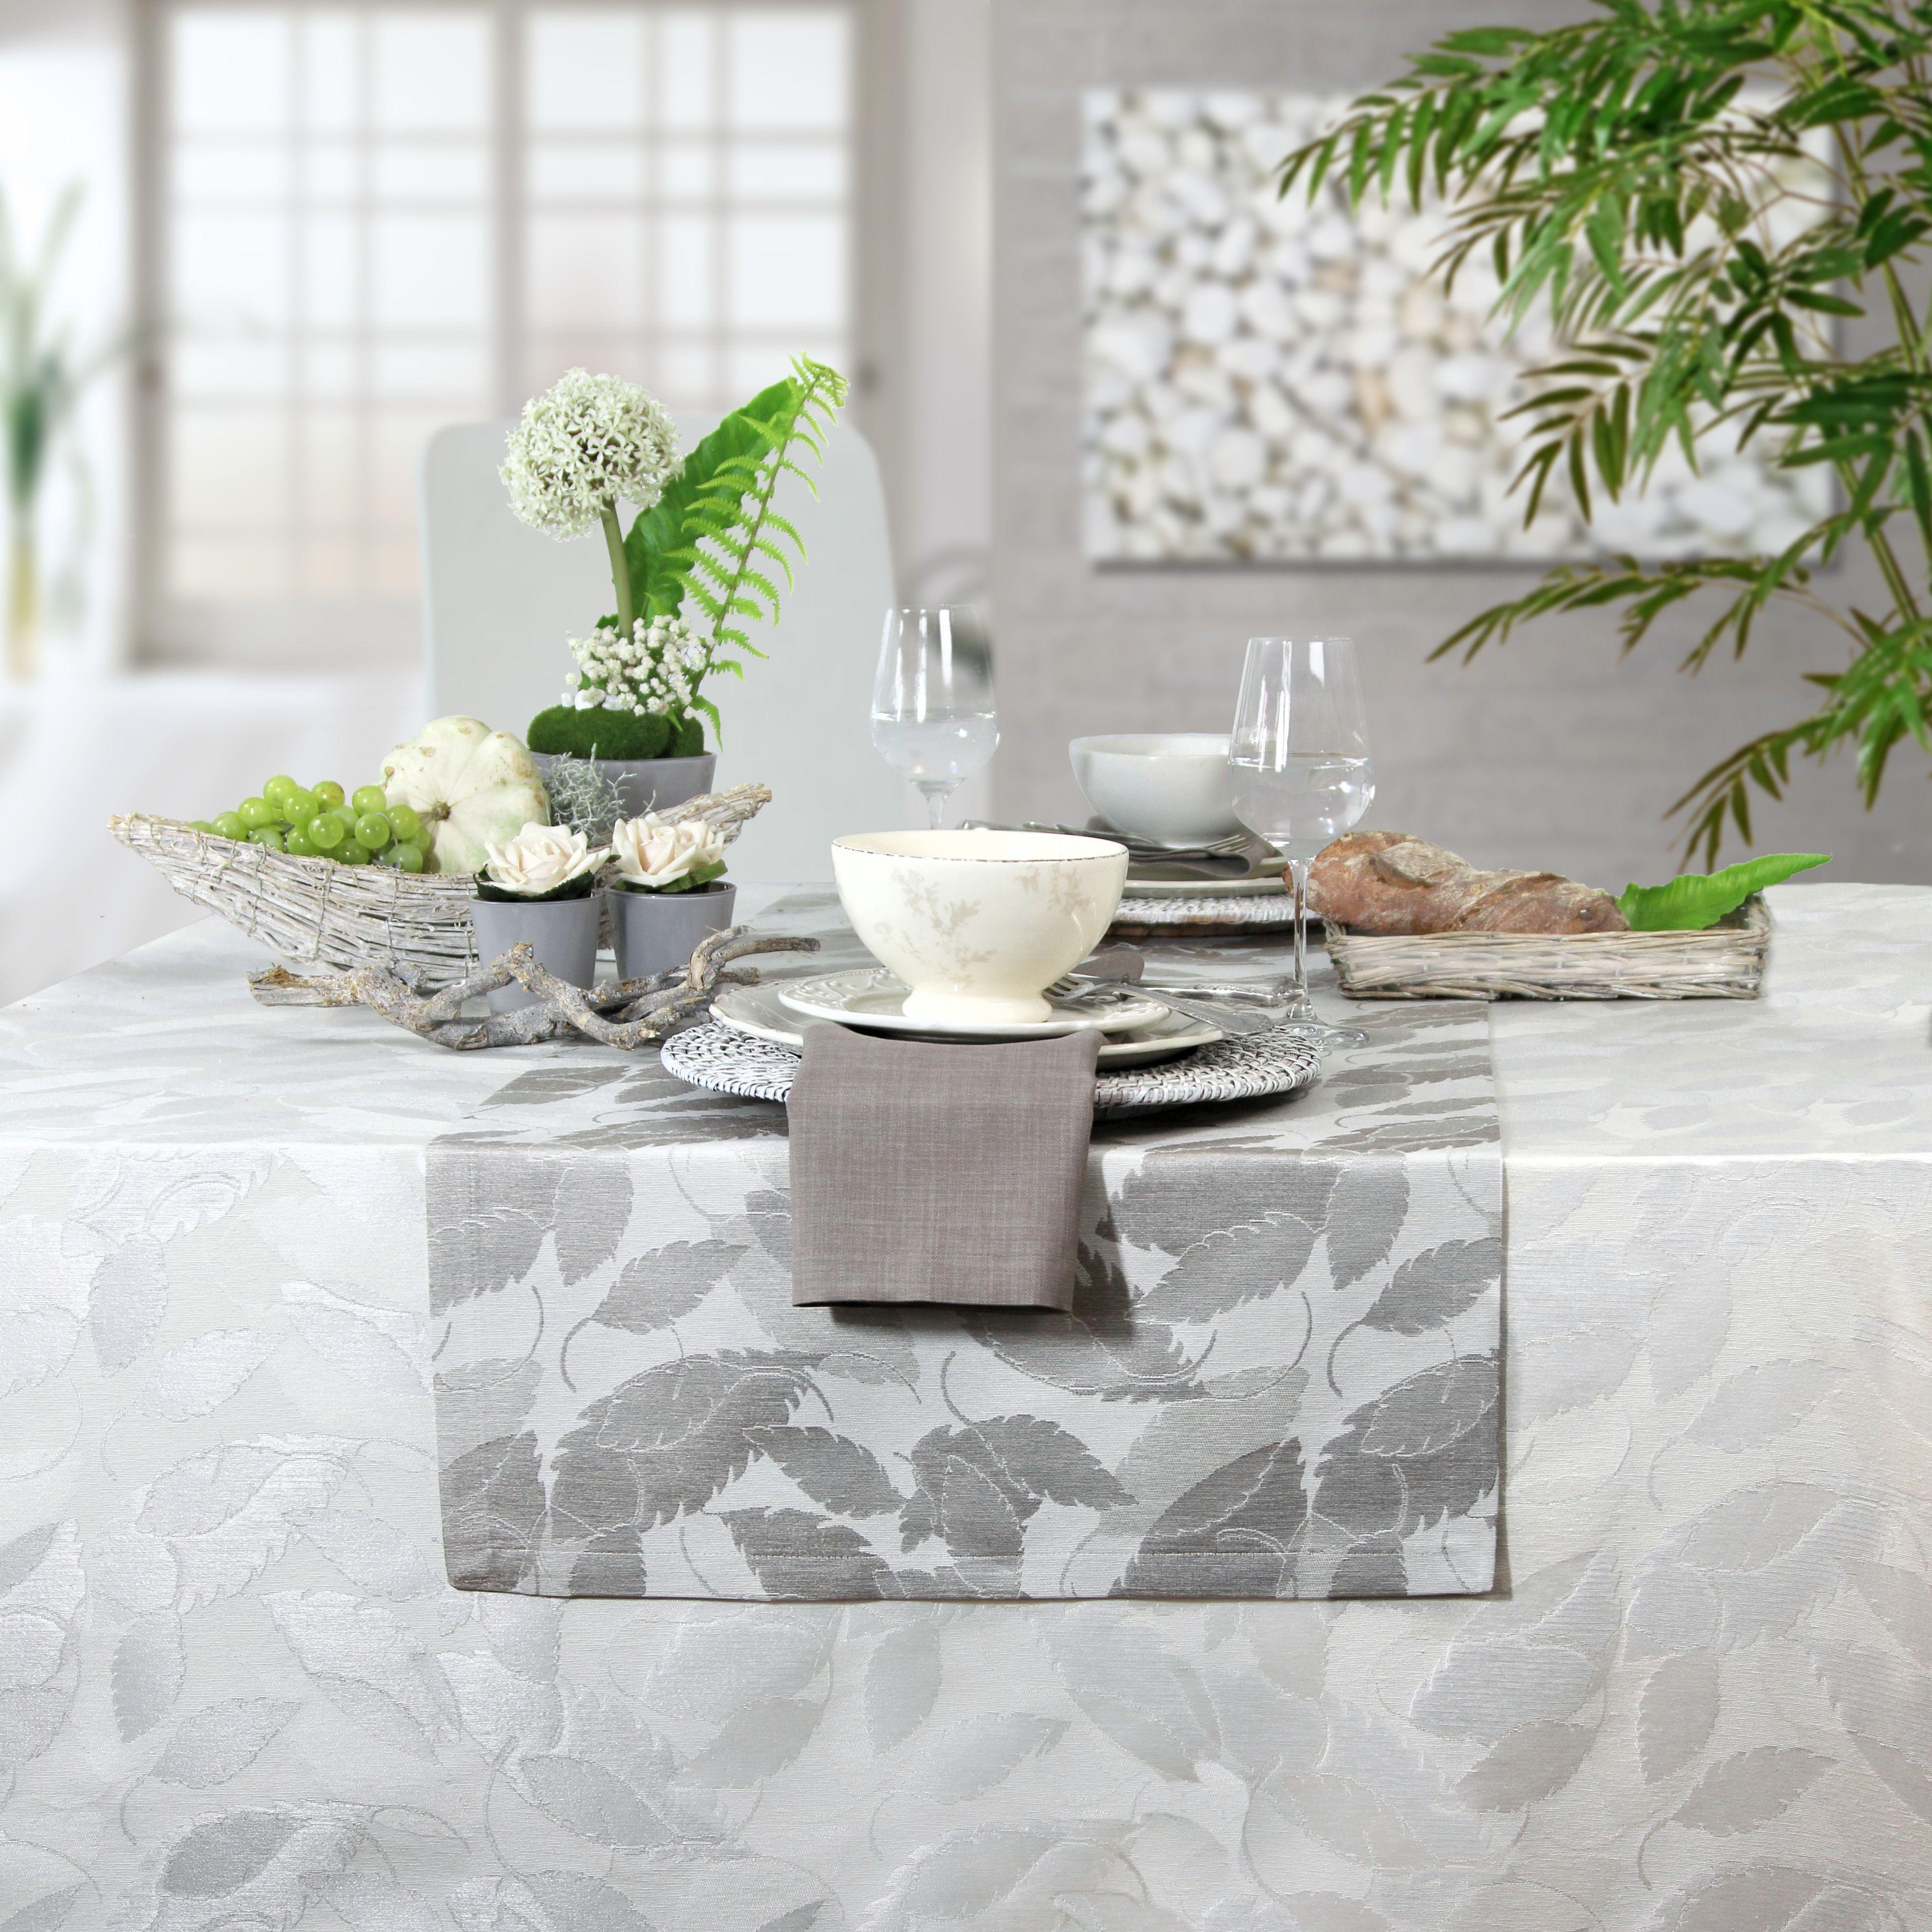 jacquard tischdecke und tischl ufer ravenna von sander gedeckter tisch pinterest ravenna. Black Bedroom Furniture Sets. Home Design Ideas